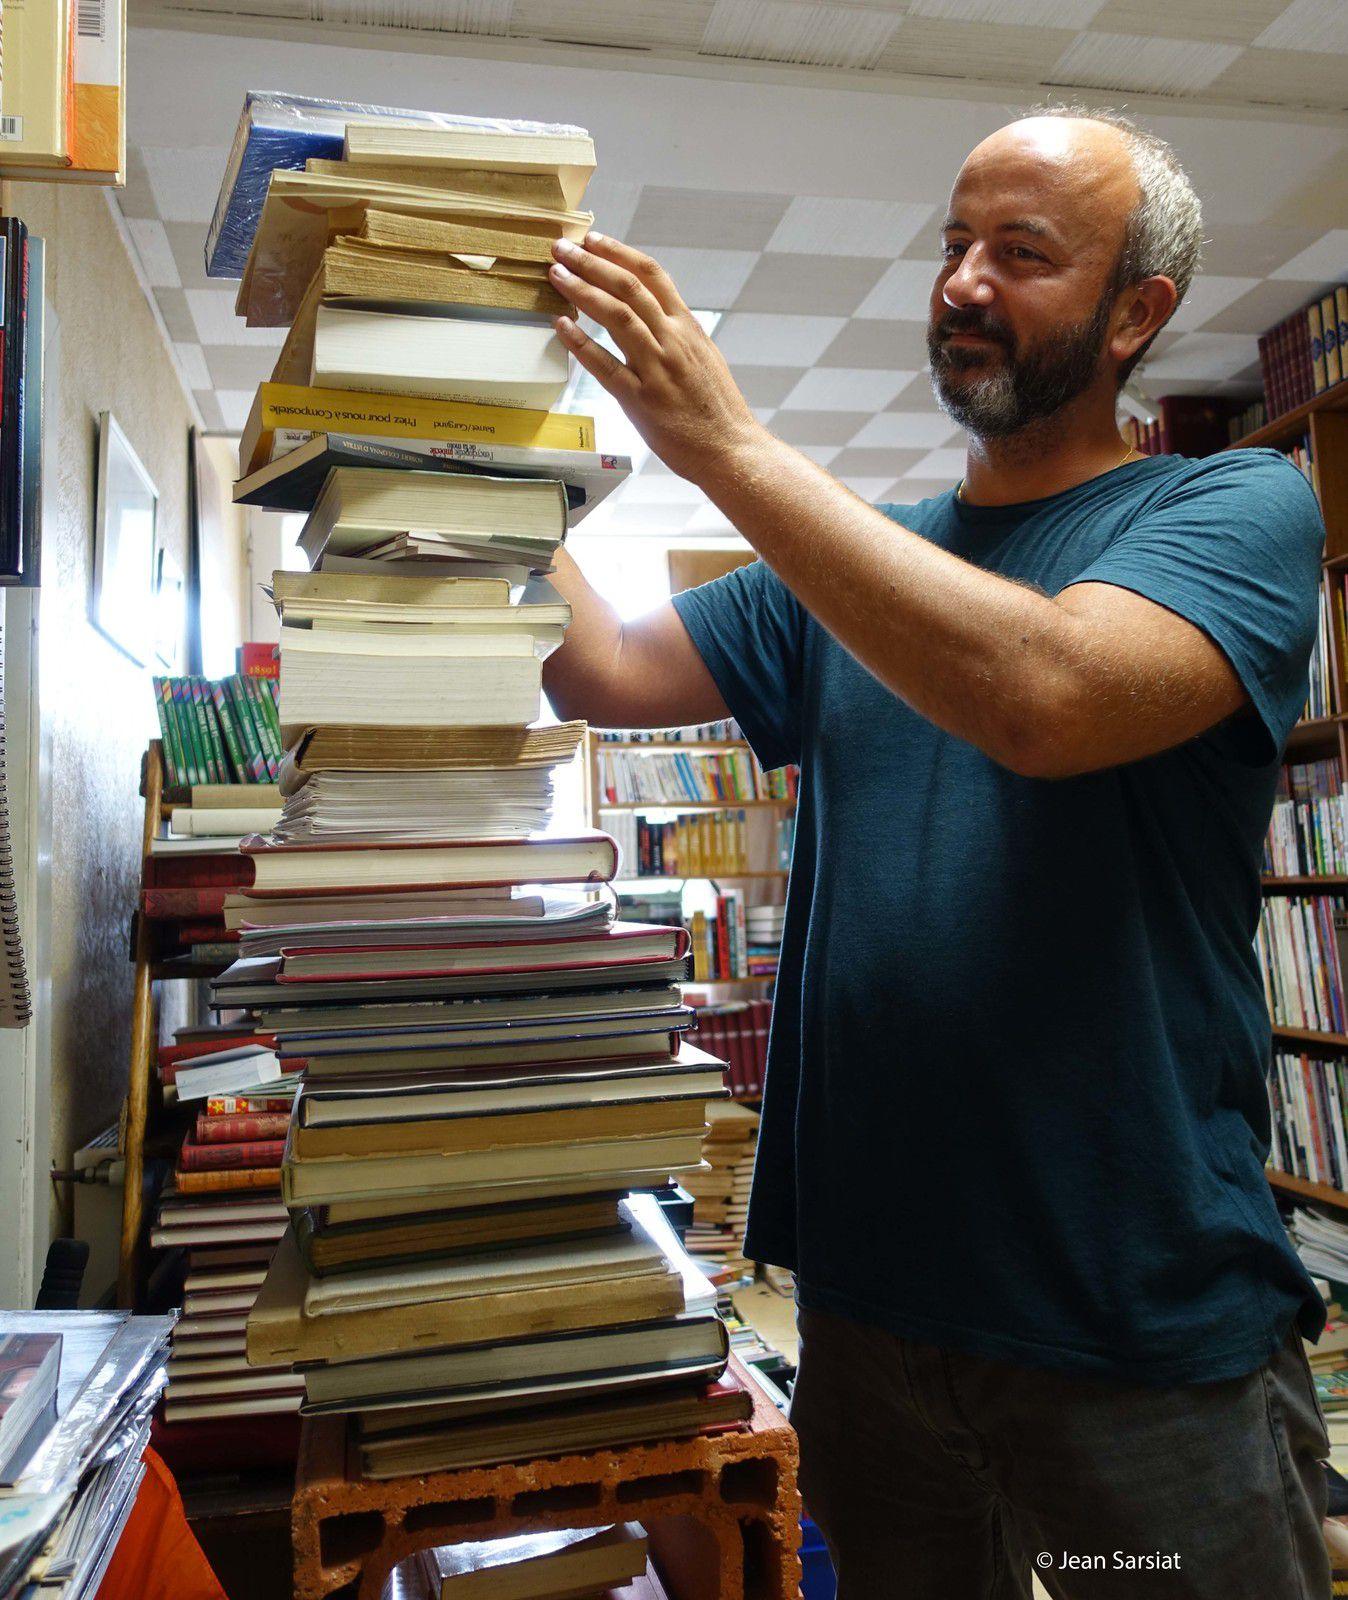 Au sommet de la pyramine, un livre sur les Pyrénées des éditions... Caïrns !